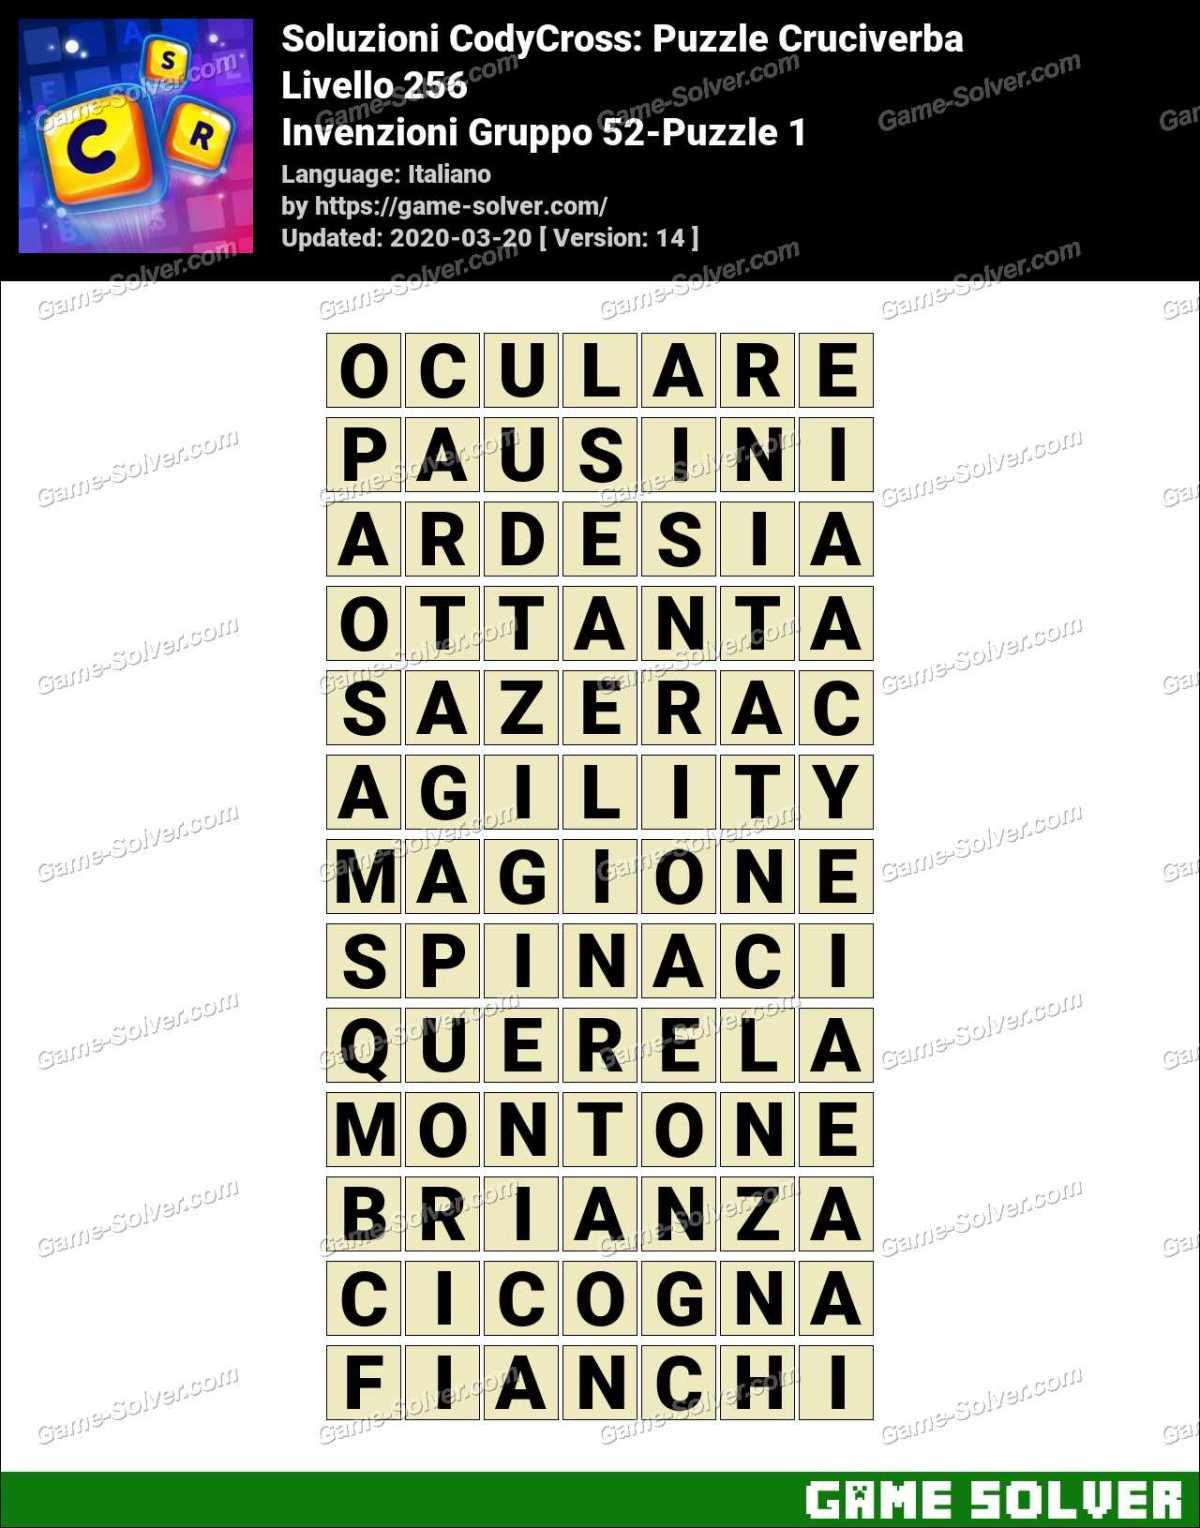 Soluzioni CodyCross Invenzioni Gruppo 52-Puzzle 1